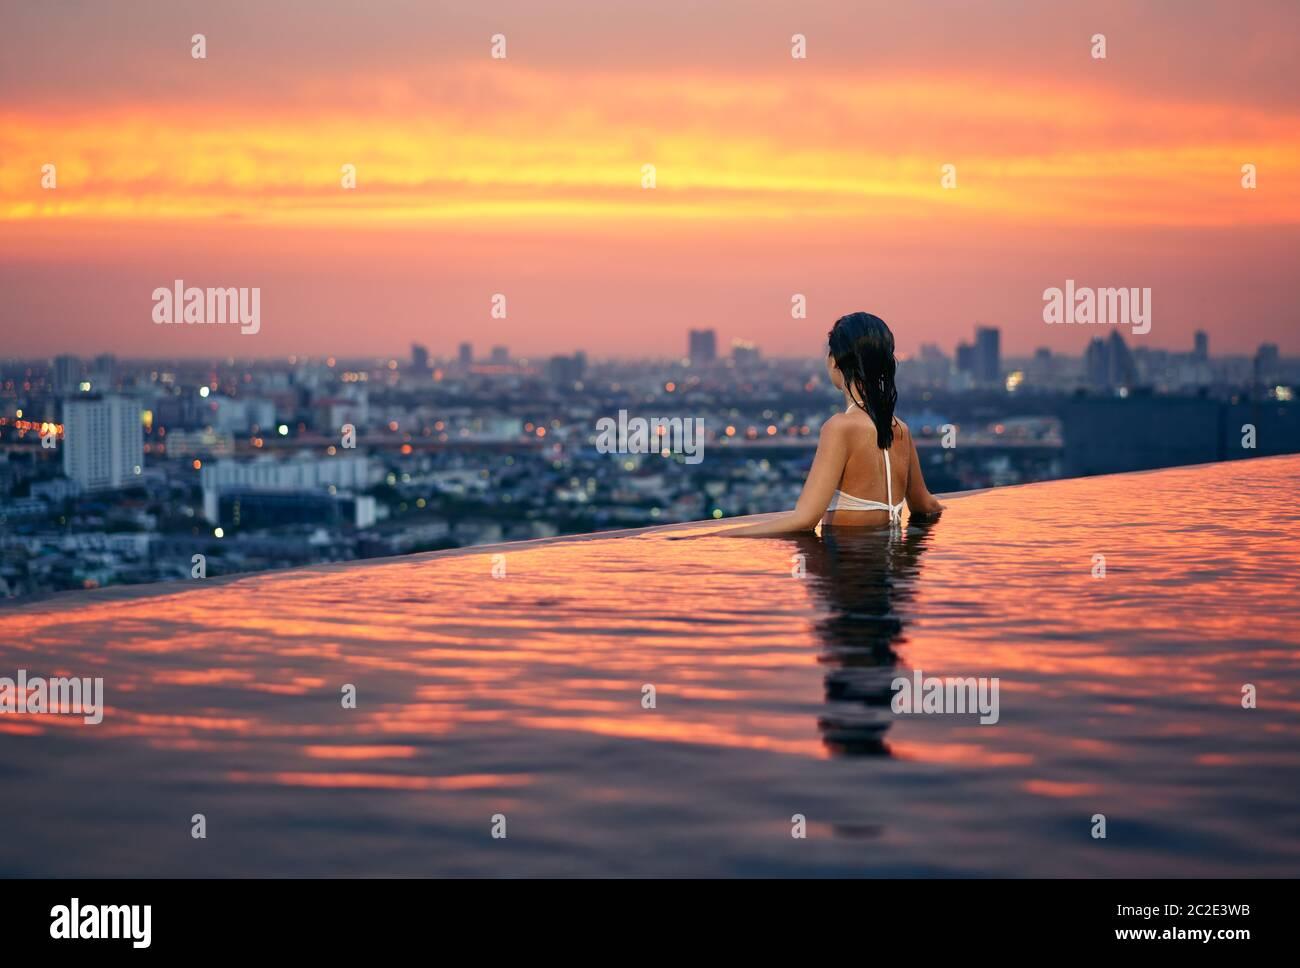 Una joven se relaja en la piscina en la azotea durante una increíble puesta de sol y disfruta del paisaje urbano Foto de stock